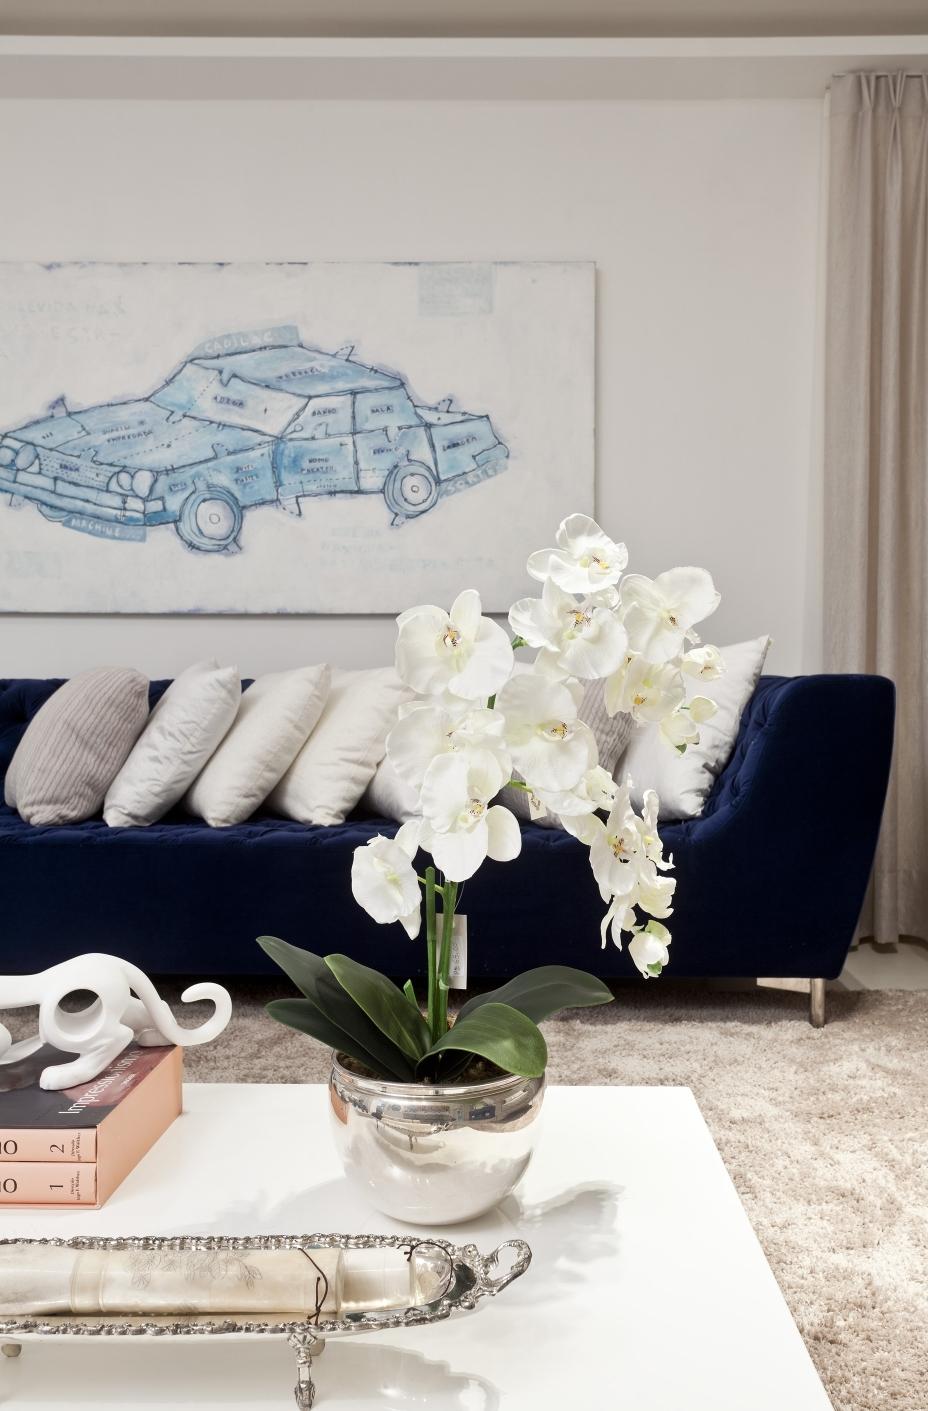 Sofá azul com almofadas brancas